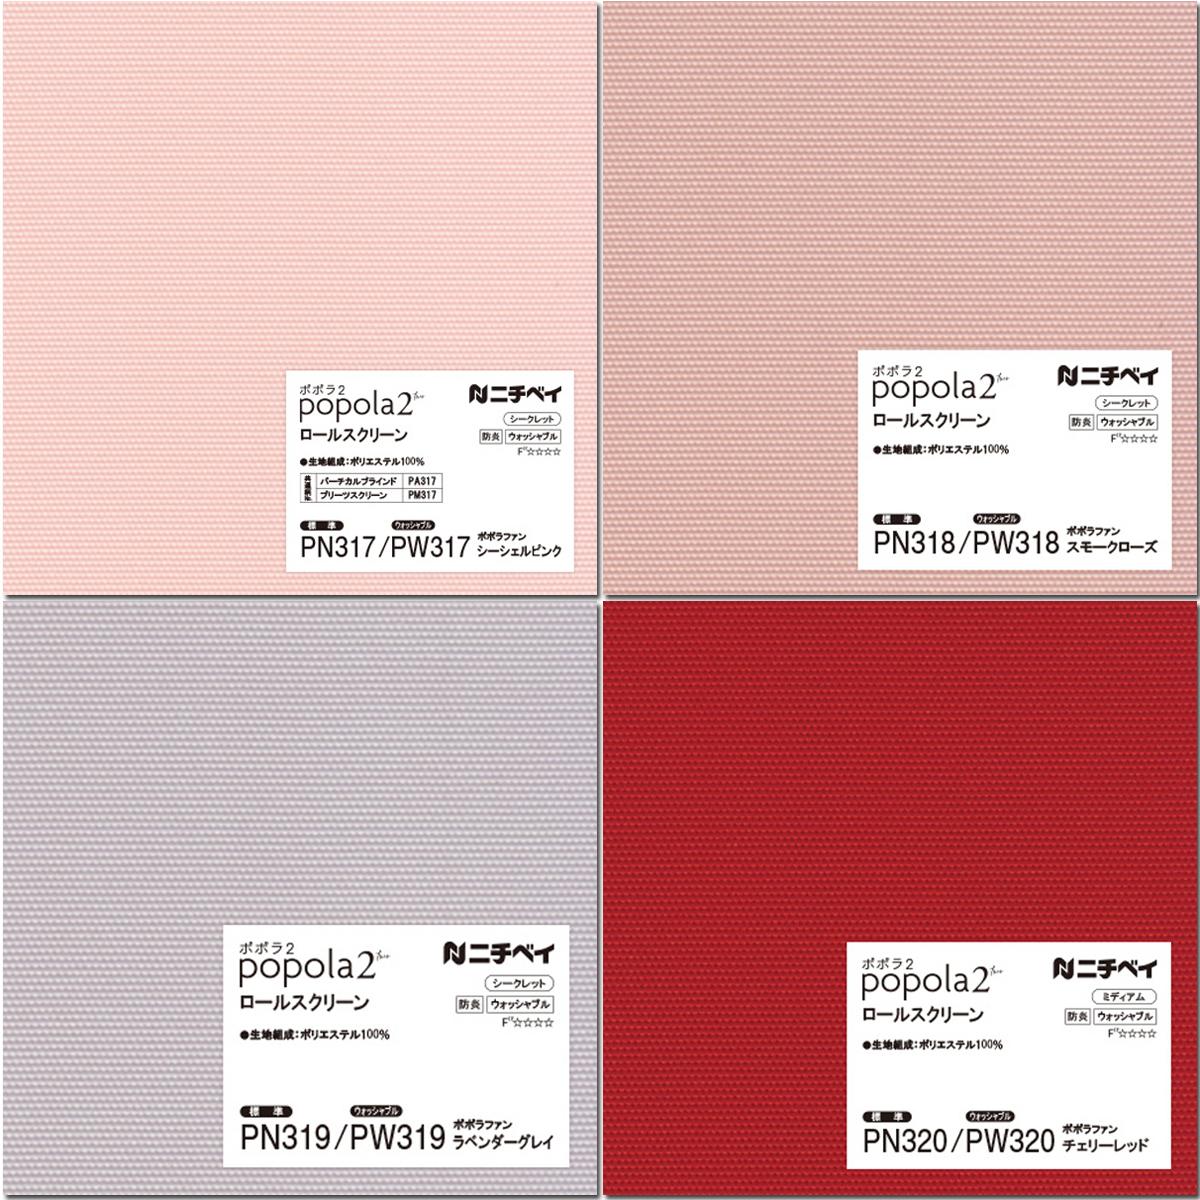 【ニチベイ】ロールスクリーン ポポラ2 ポポラファン 30色 ダブルタイプもあり ロールカーテン オーダーサイズ_画像7